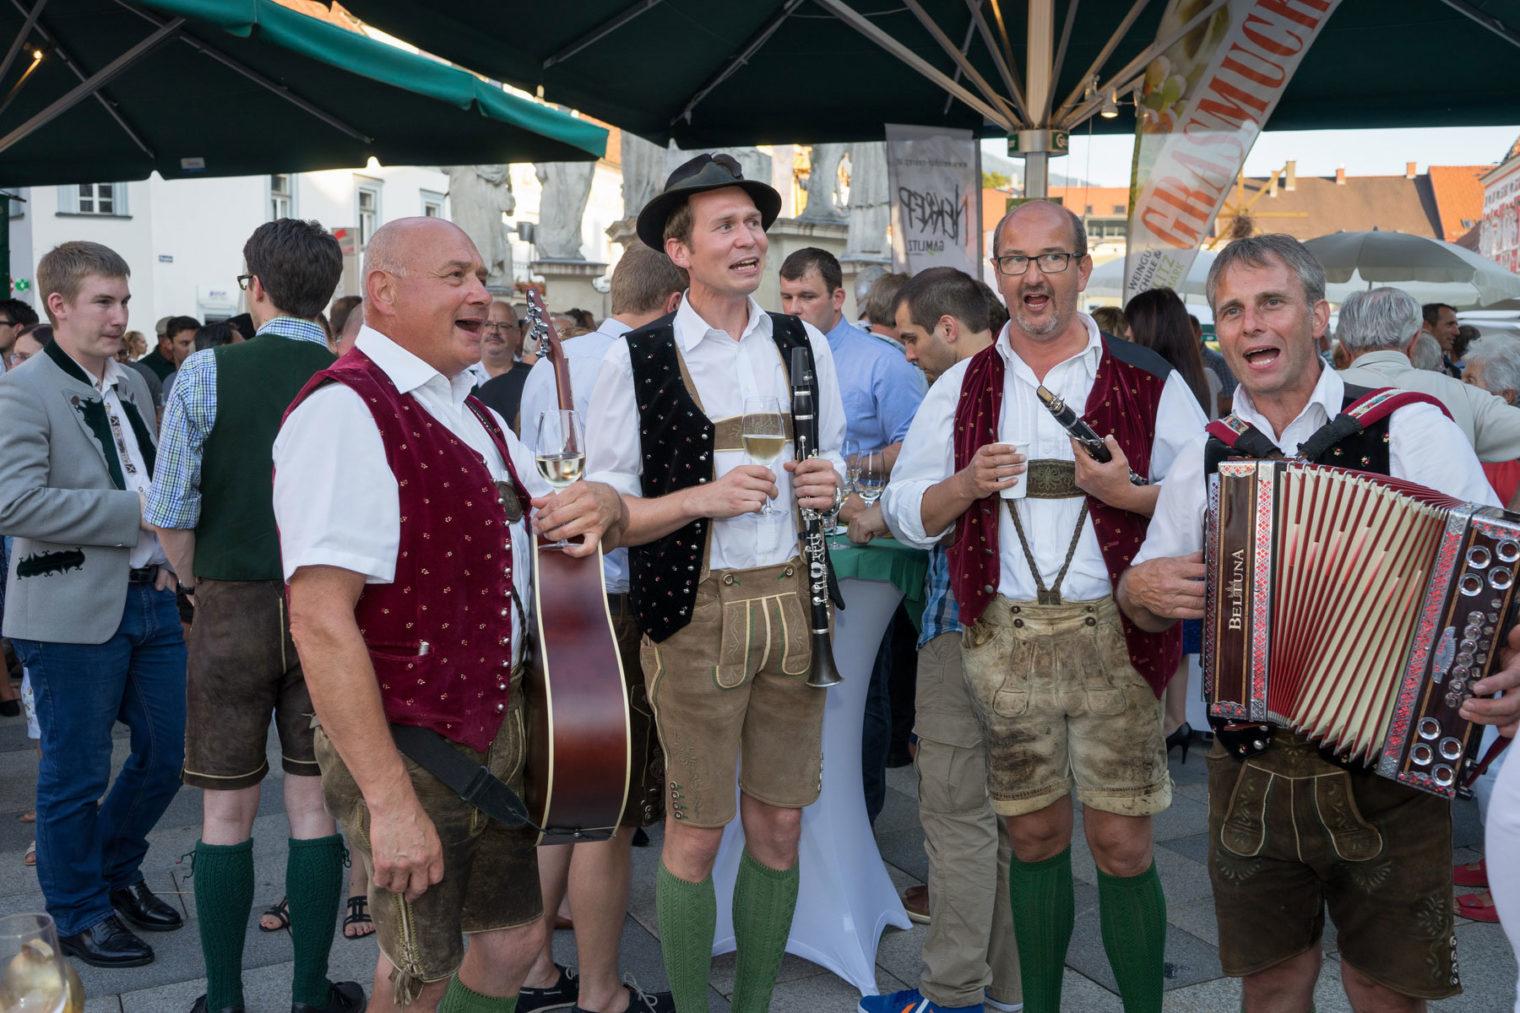 Musikergruppe beim Weinfest